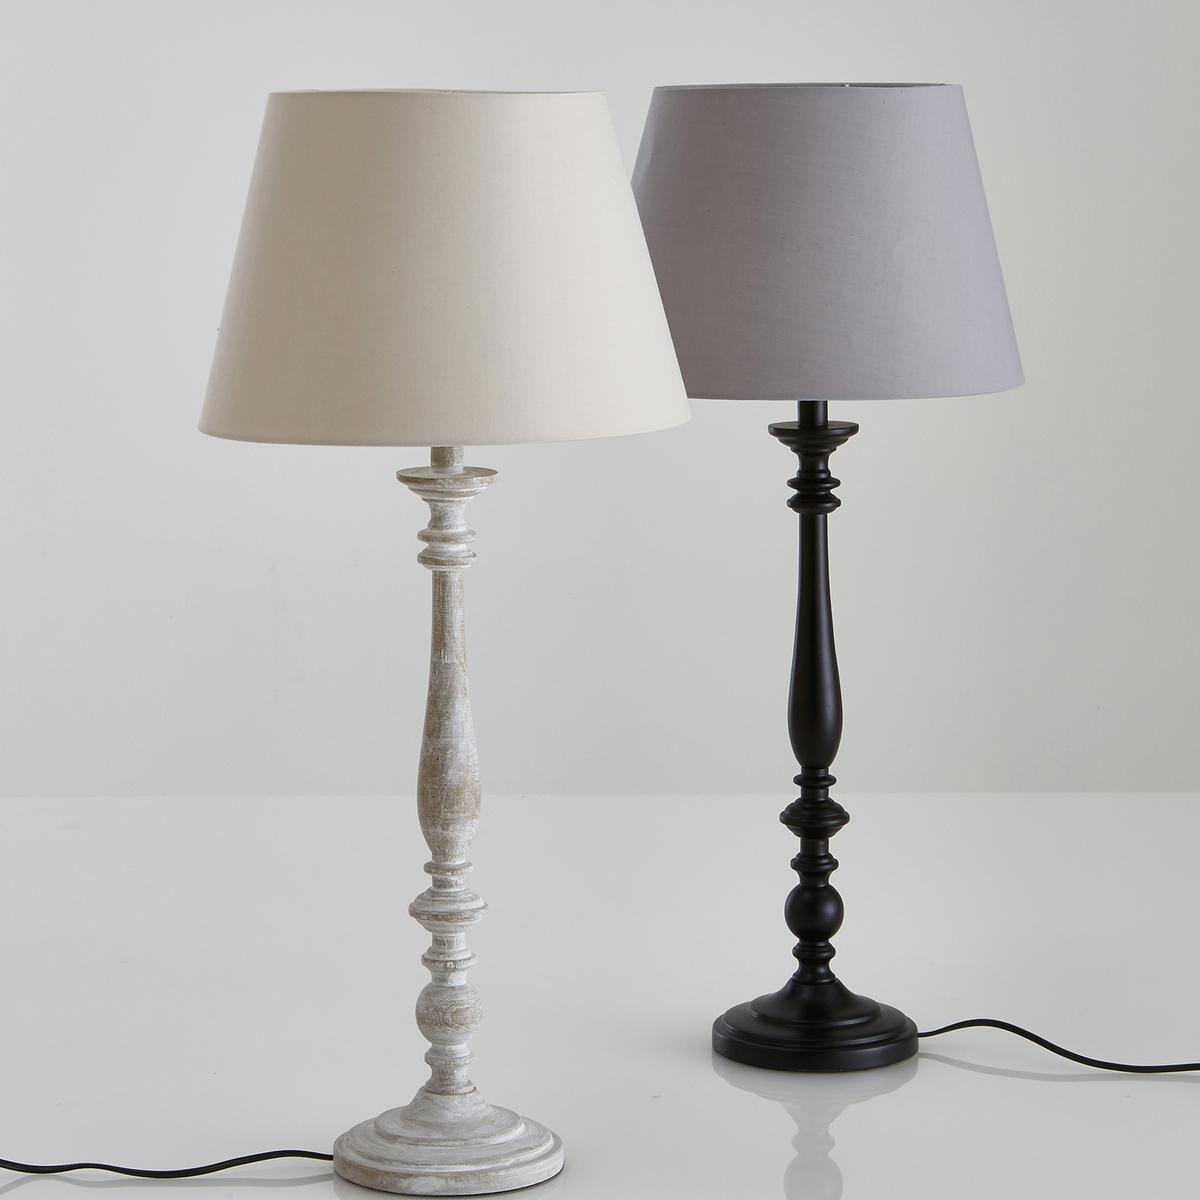 Lampada da tavolo in gomma, Kanatta